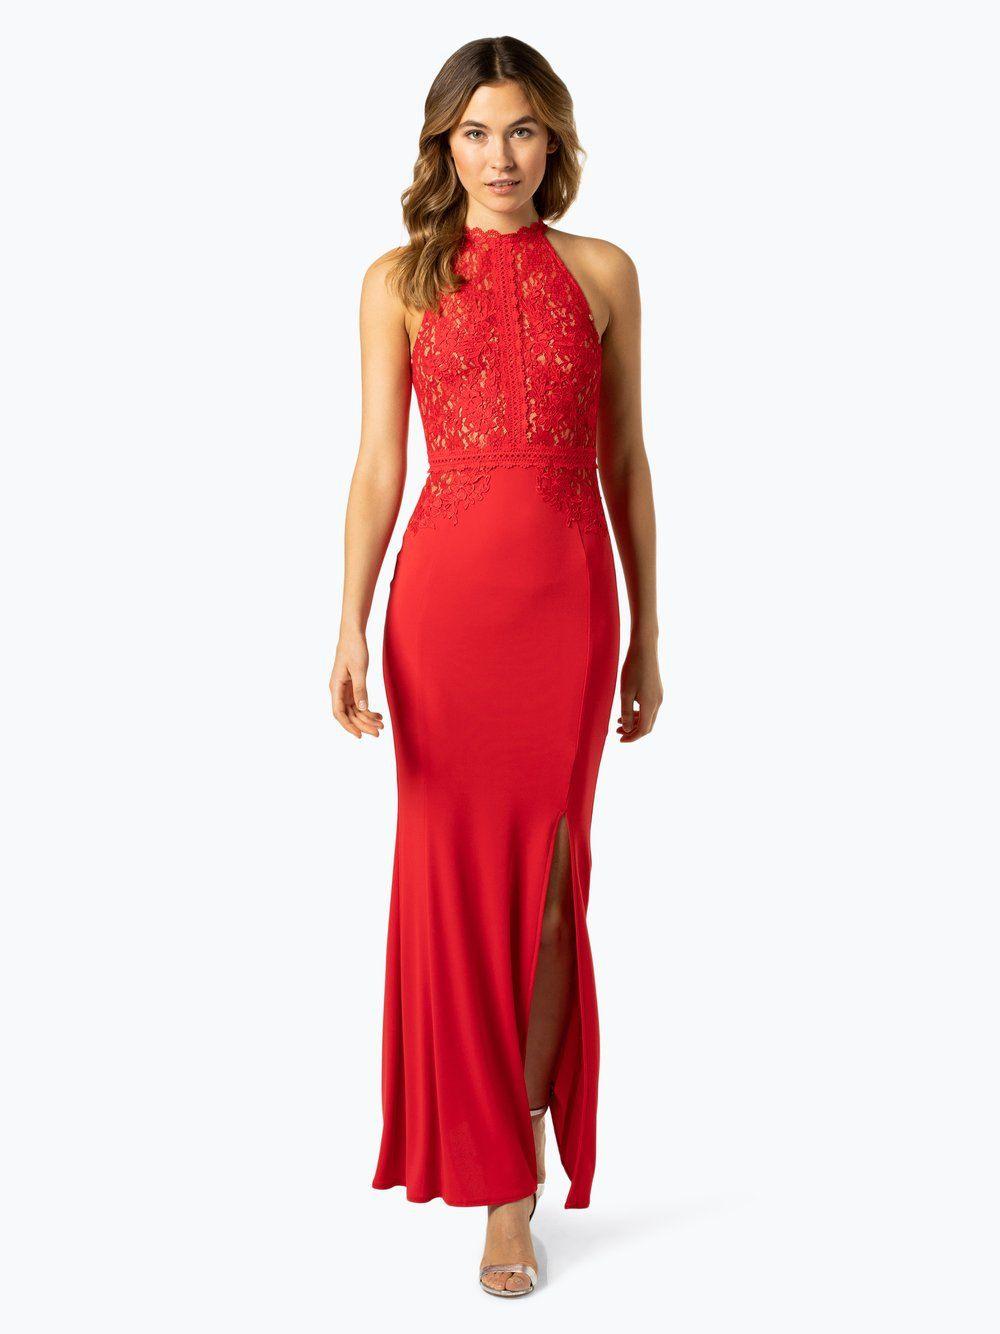 17 Cool Lipsy Abendkleid ÄrmelFormal Kreativ Lipsy Abendkleid Galerie